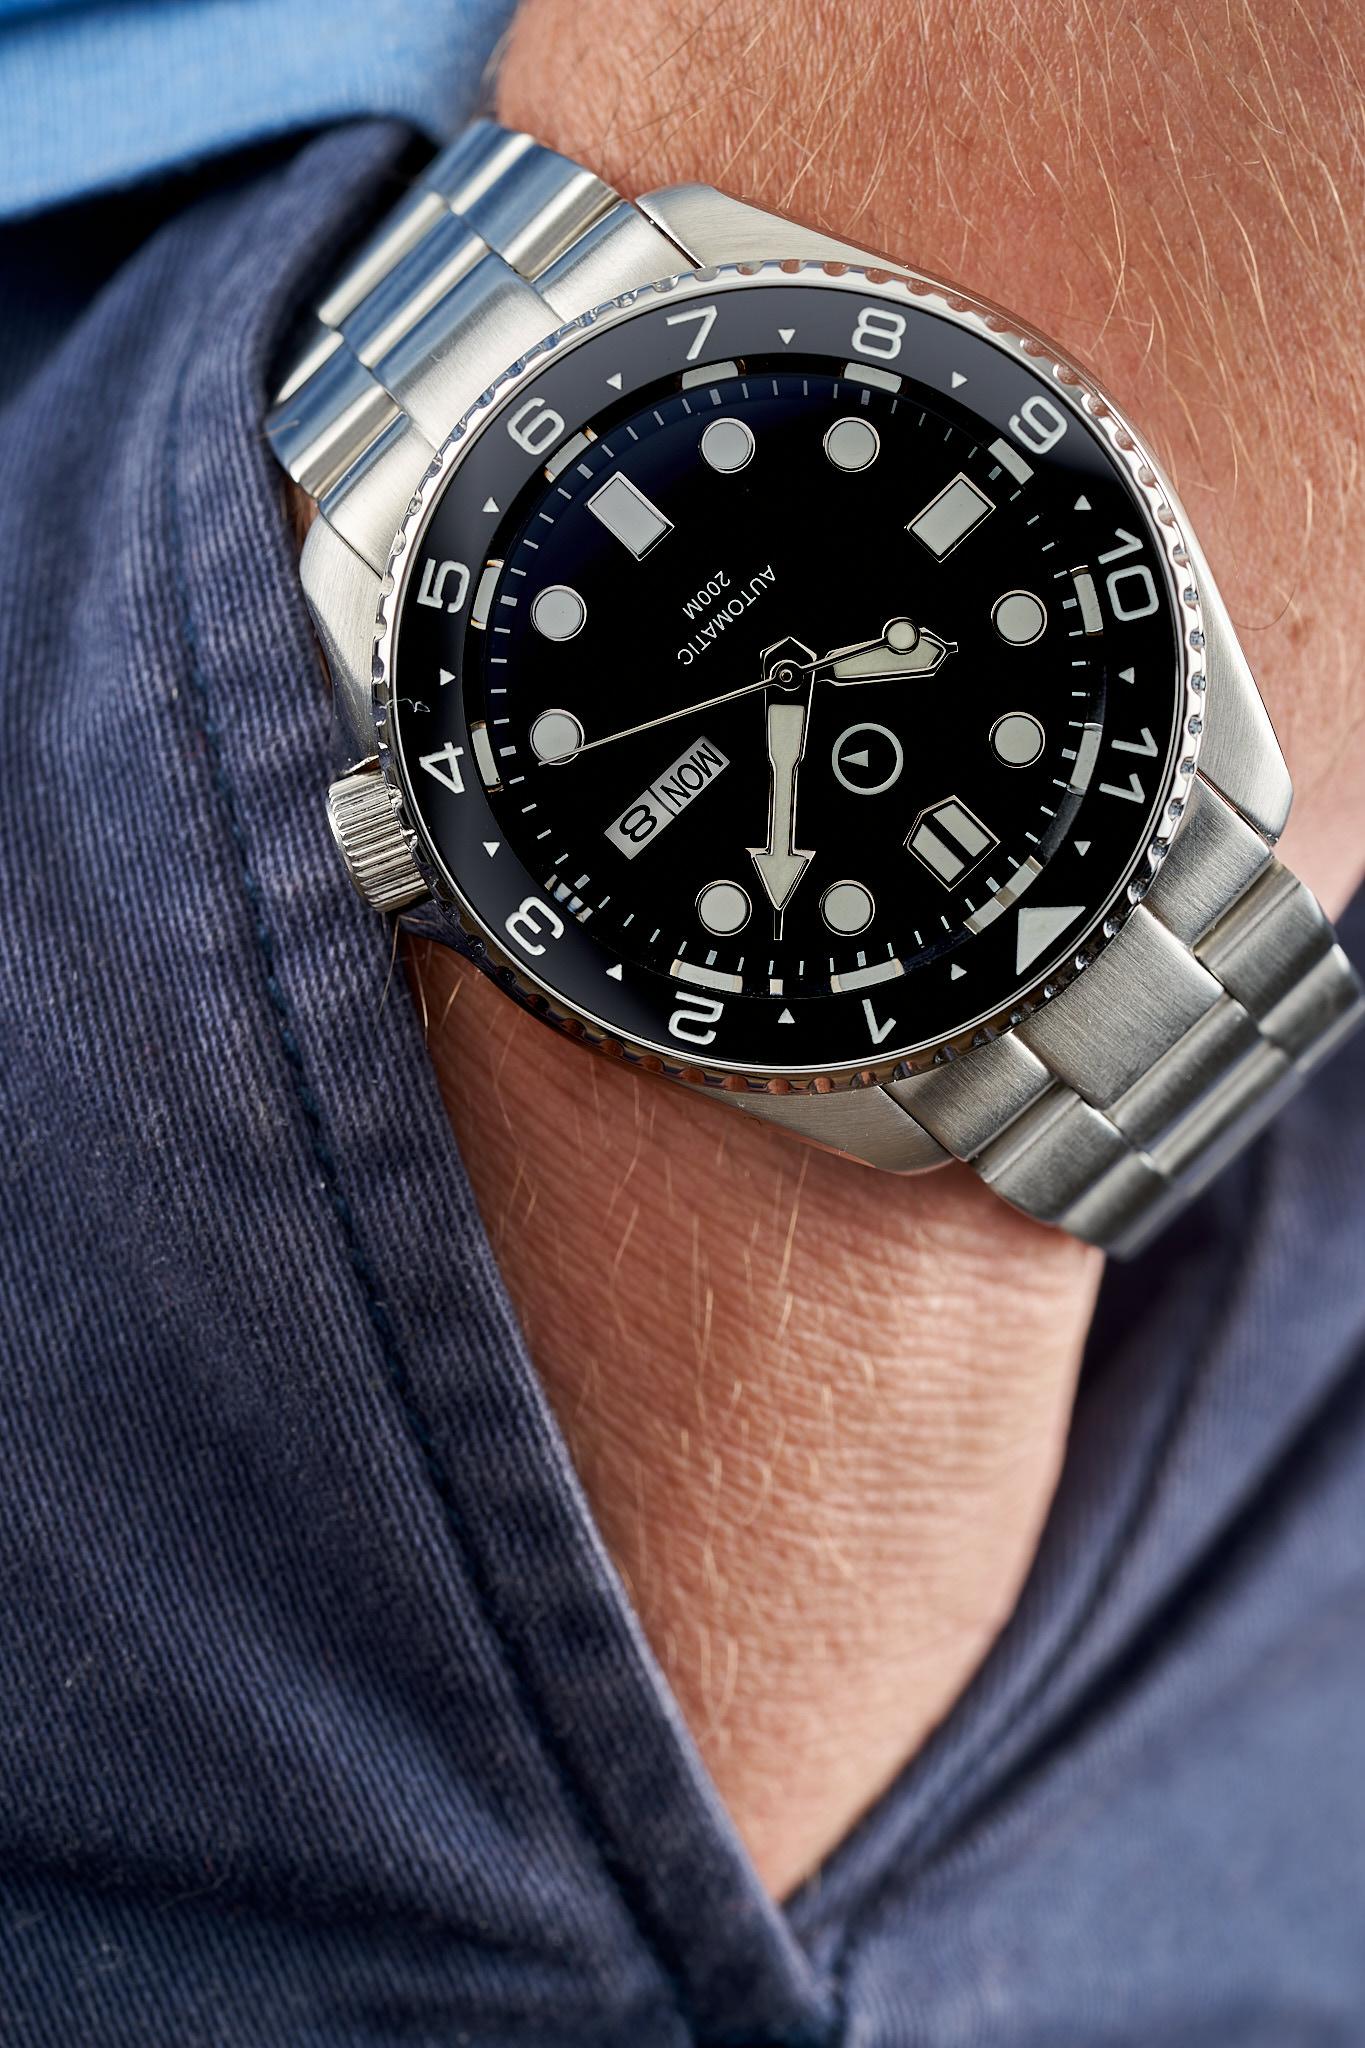 Islander-Watch-ISL-01-Long-Island-Watch-24